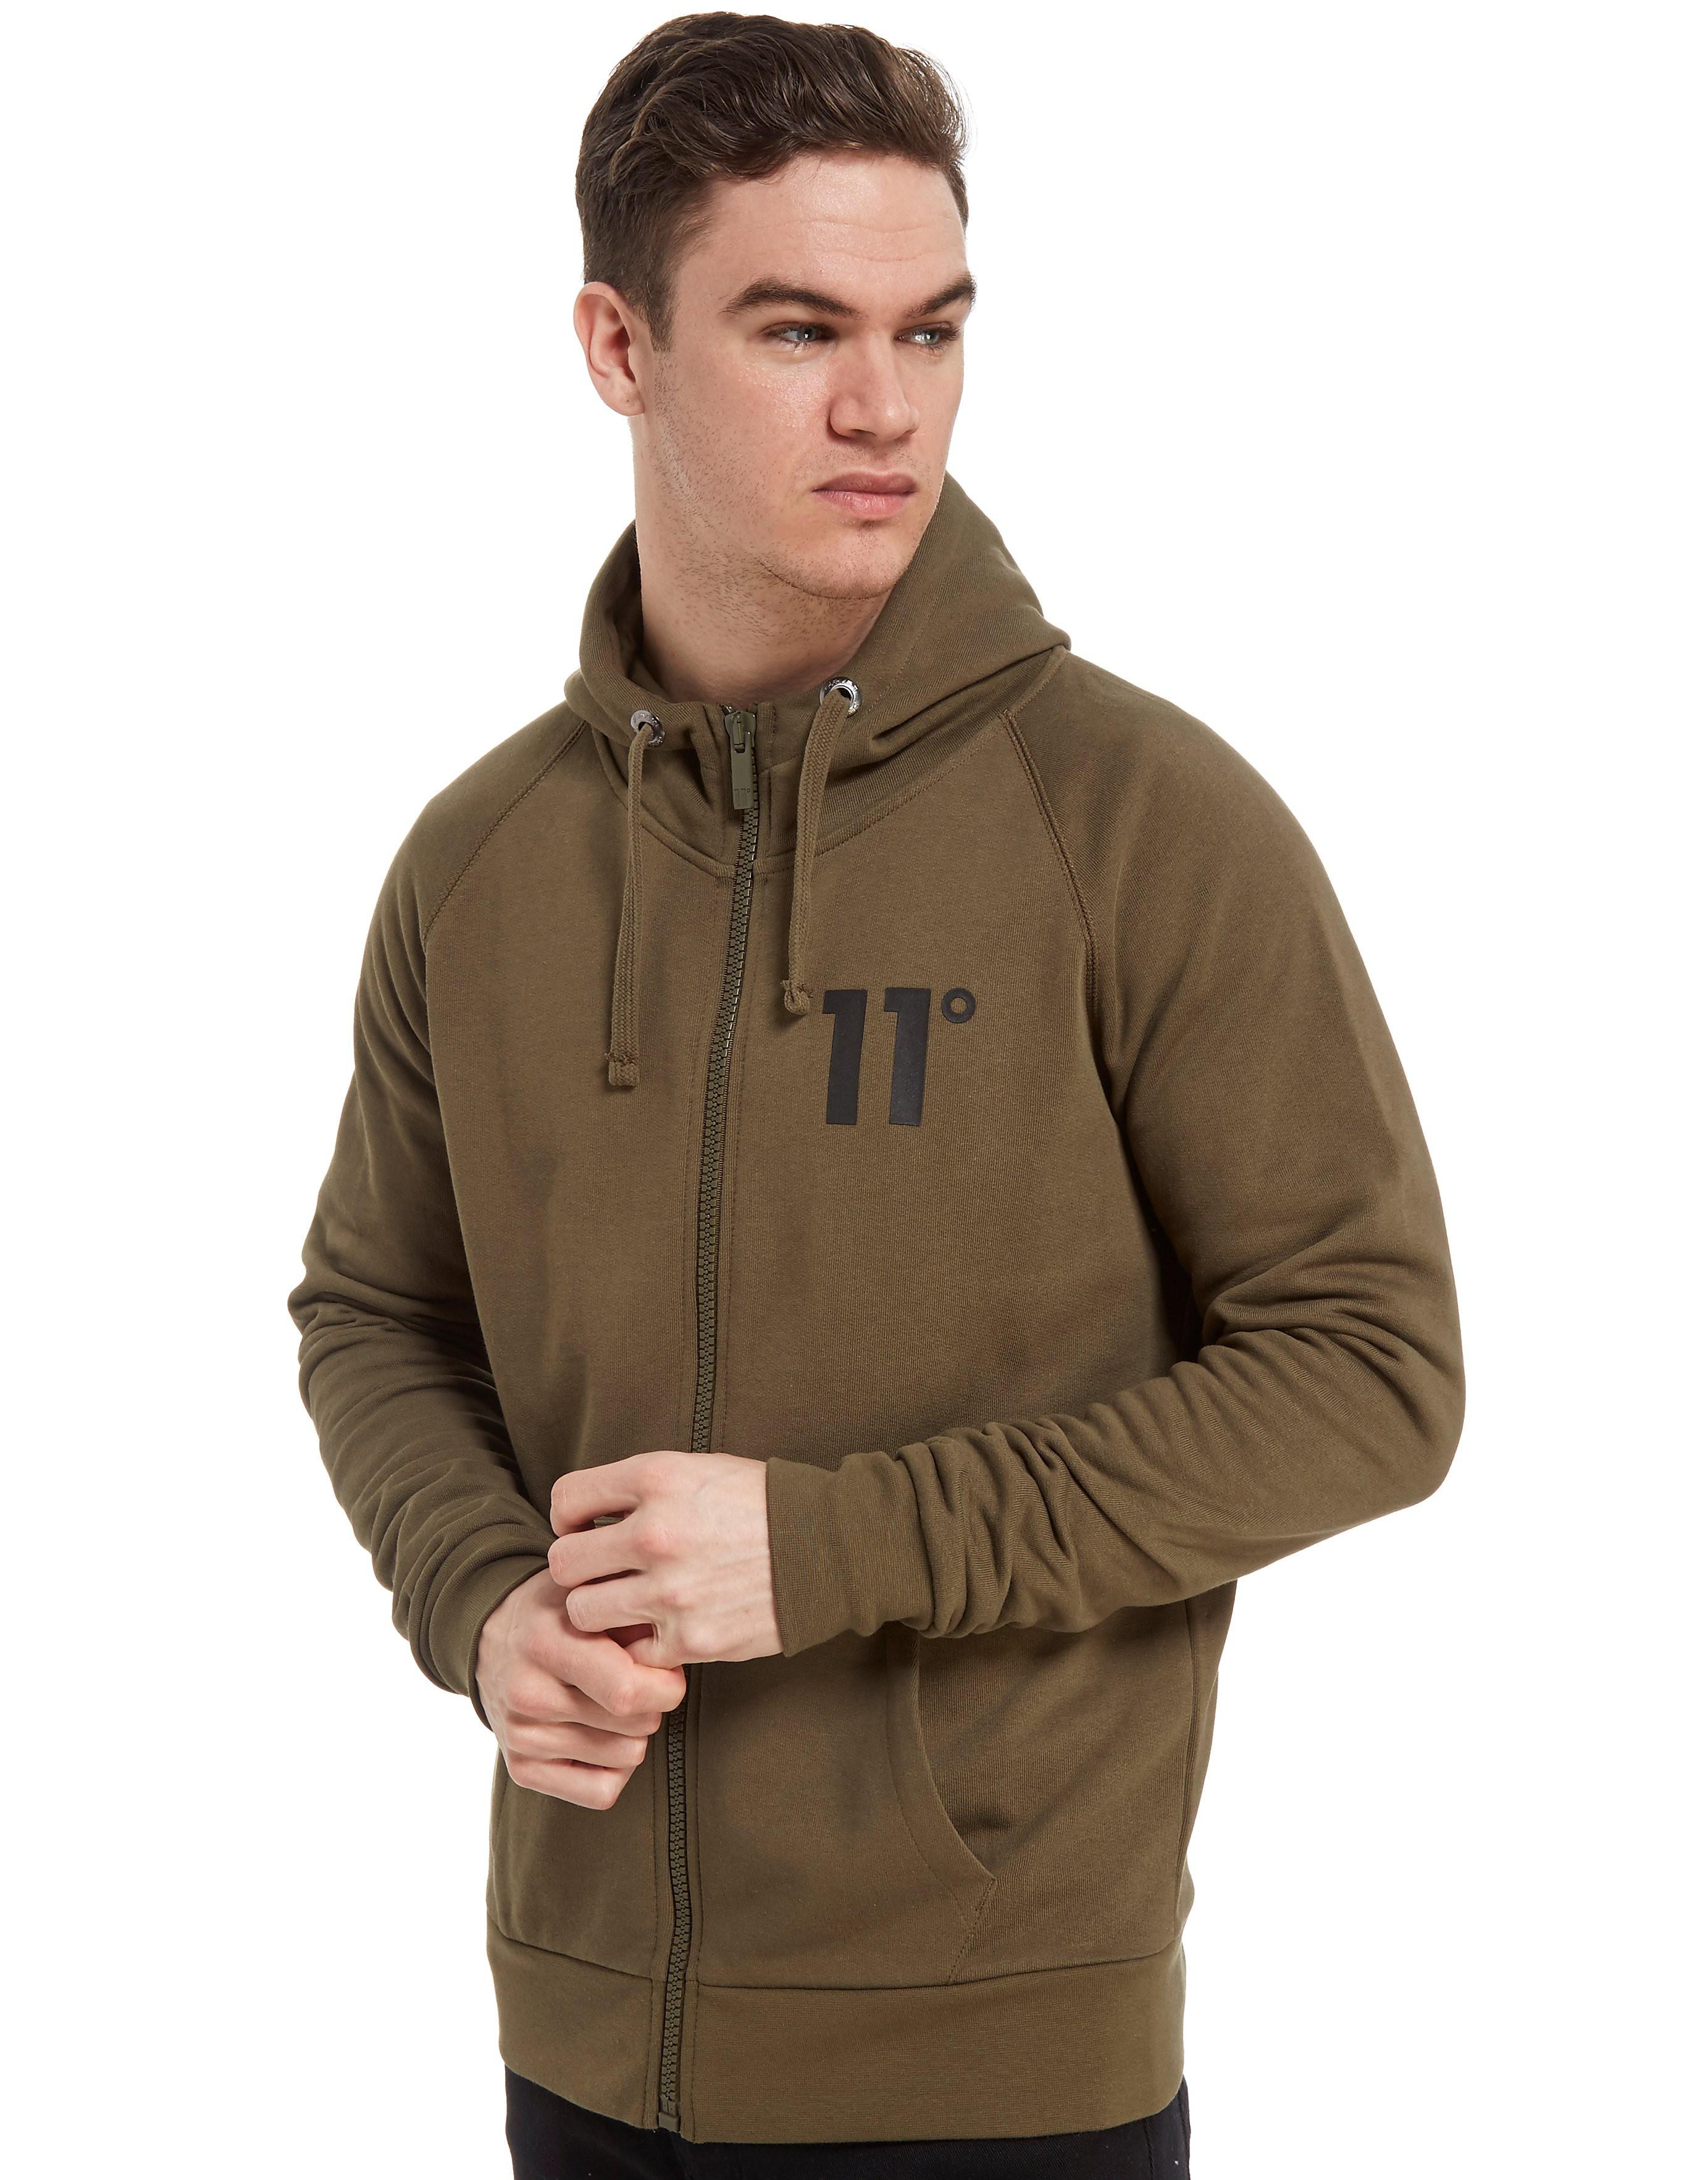 11 Degrees Core Fleece Zip Through Hoody